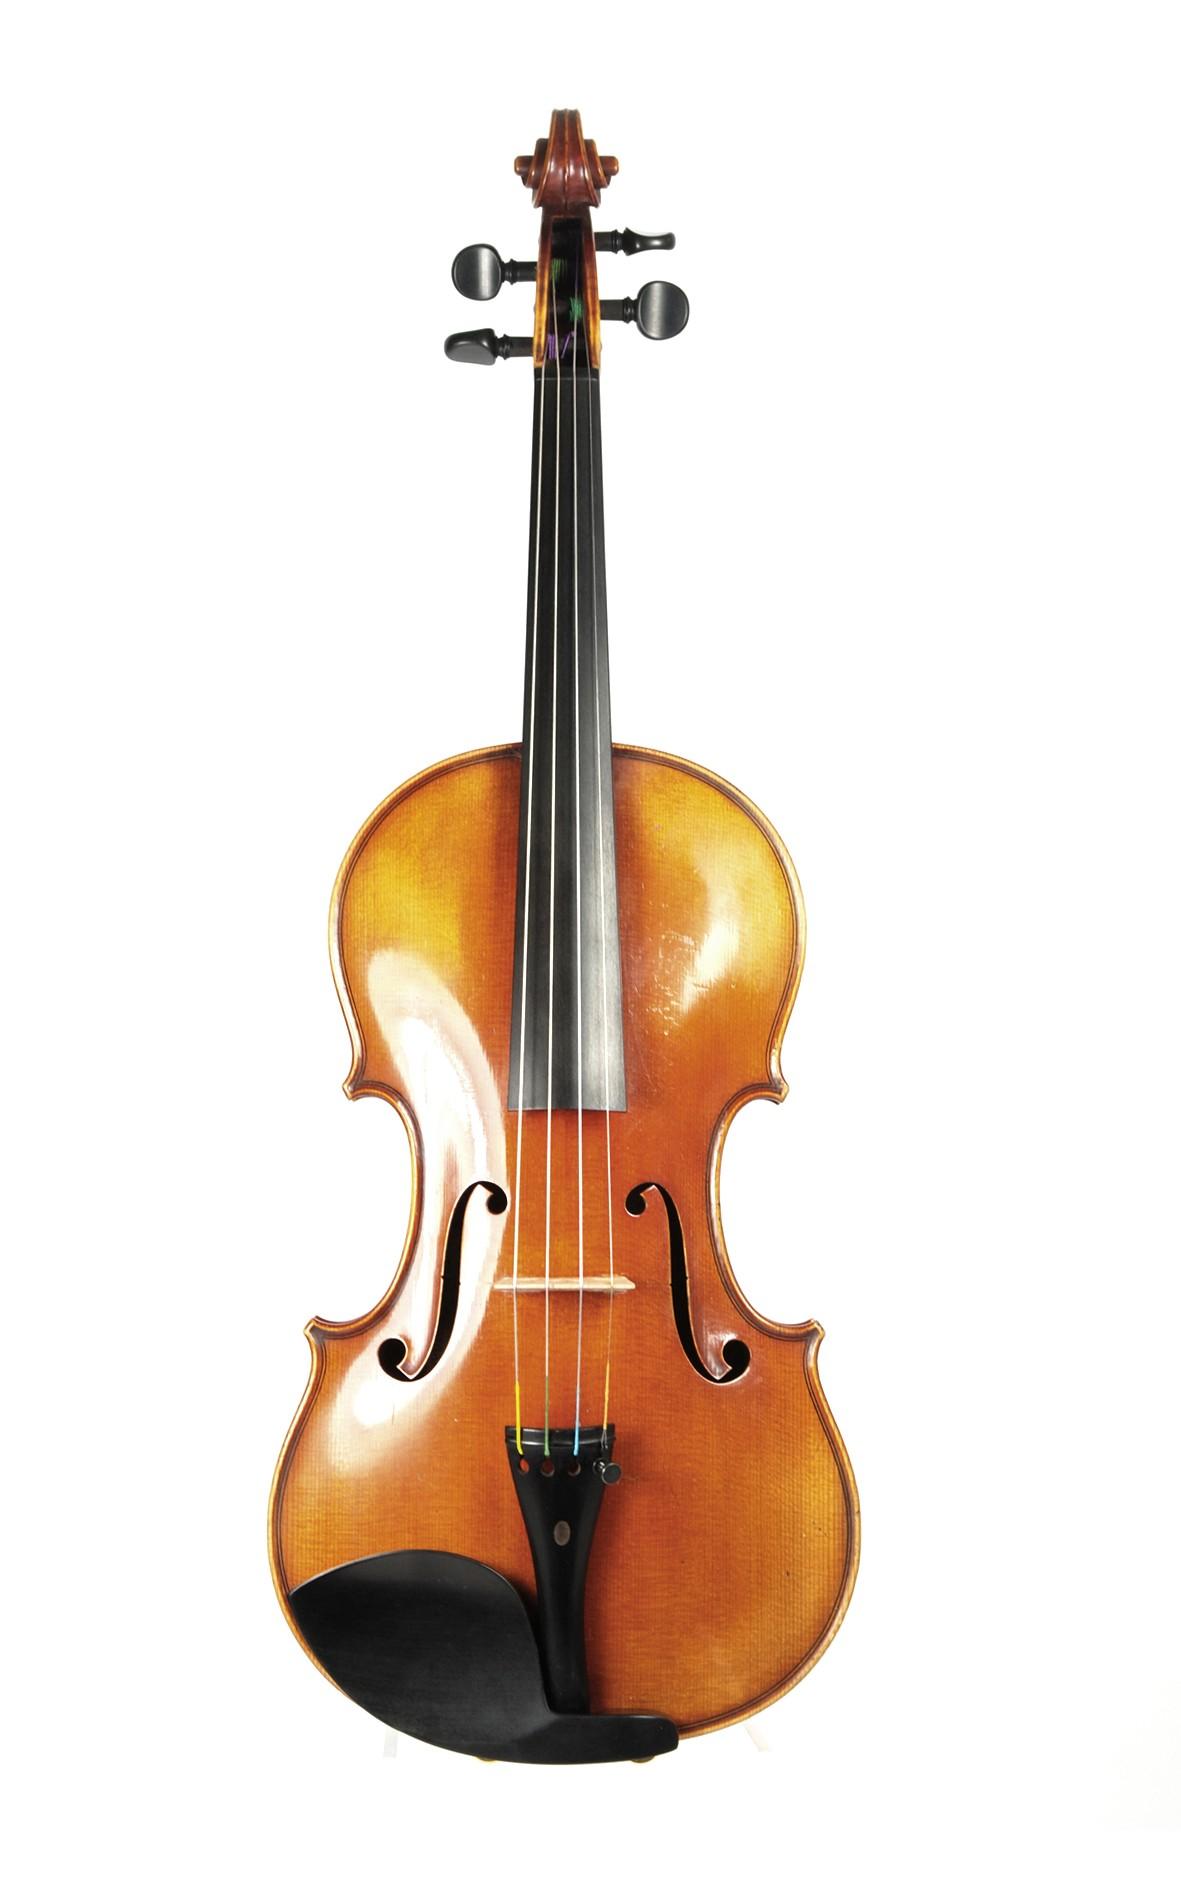 Violin by Eugen Gärtner, Stuttgart  - top